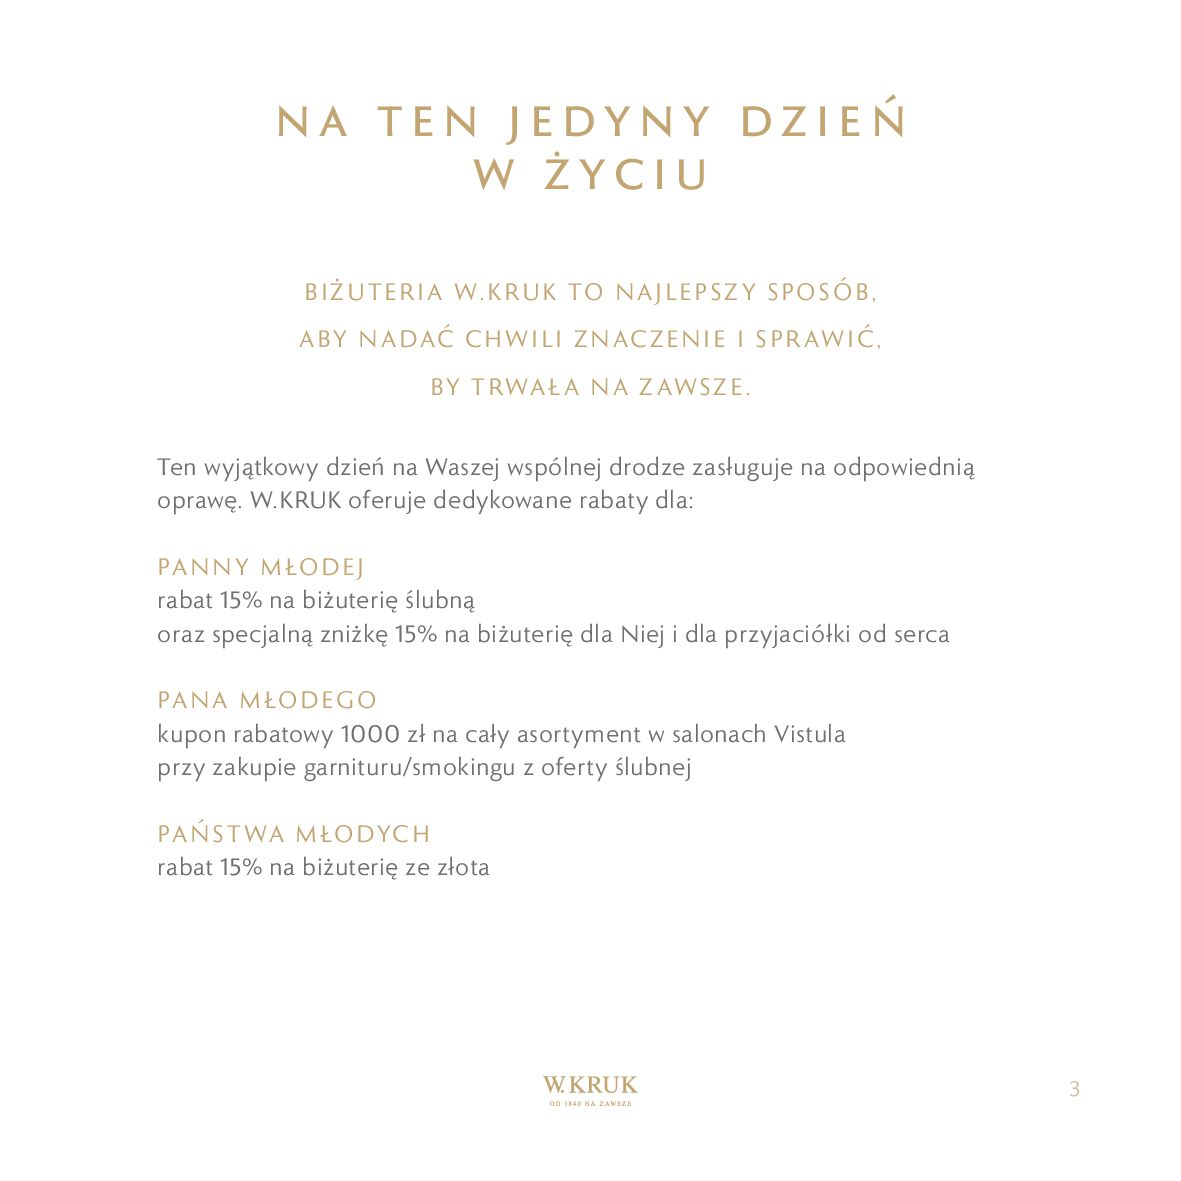 Gazetka W. KRUK: Katalog - Obrączki 2021-02-17 page-5